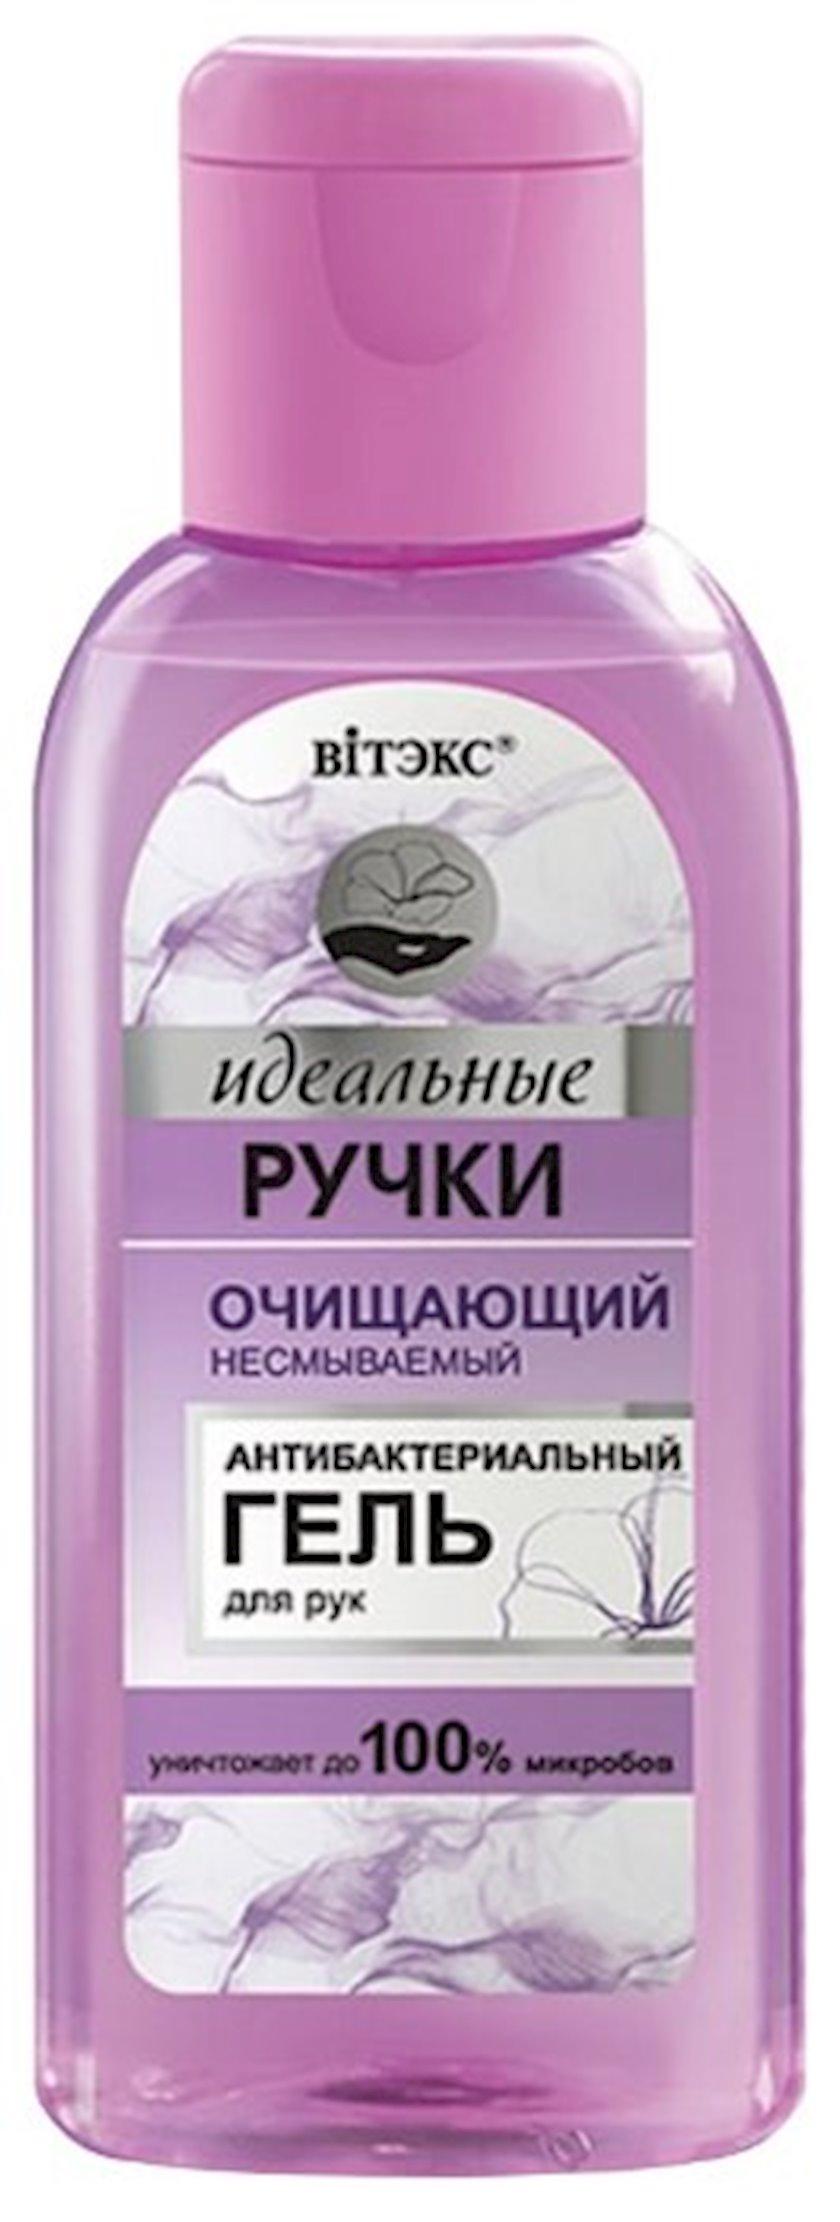 Antibakterial gel əllər üçün Витэкс Идеальные ручки təmizləyici